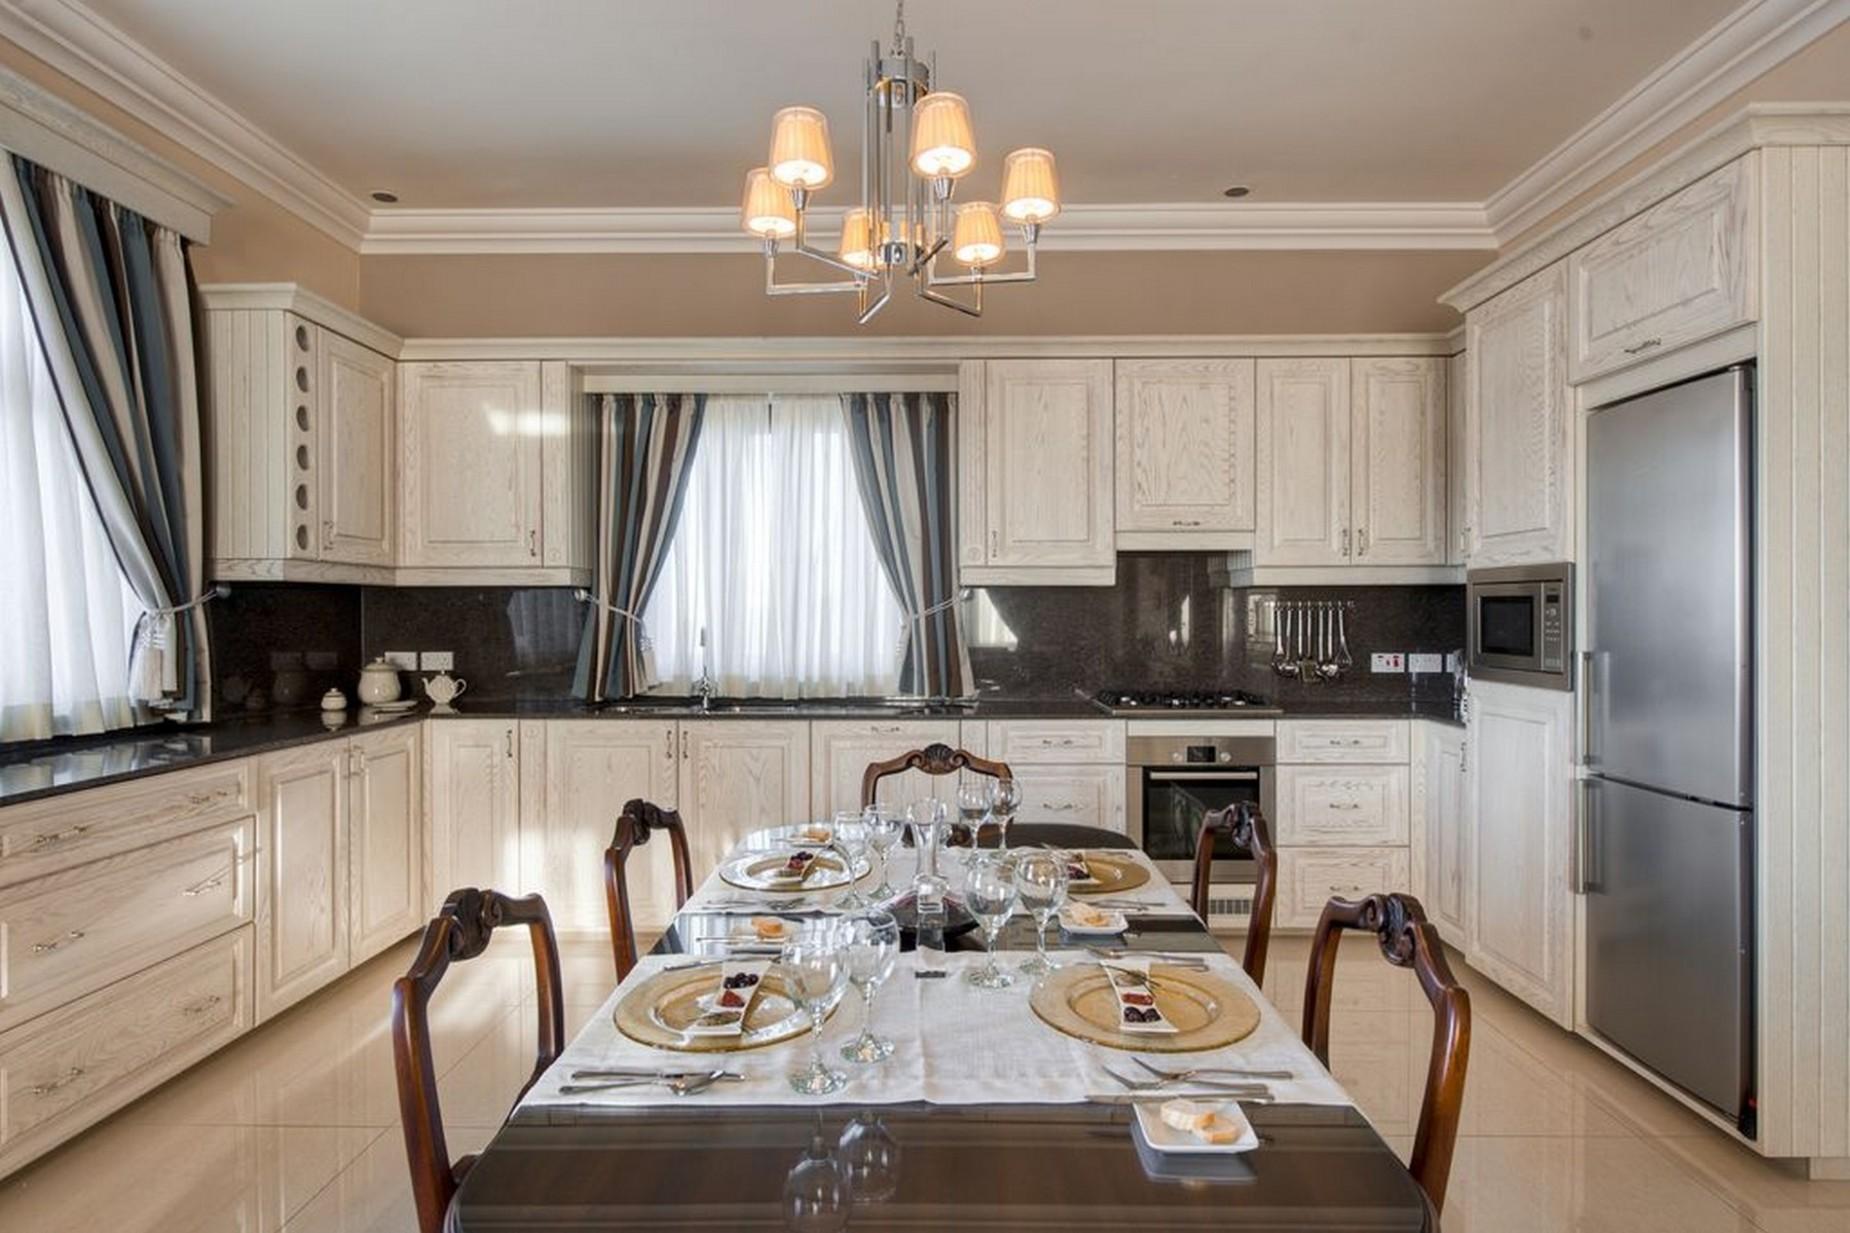 3 bed Villa For Rent in Zurrieq, Zurrieq - thumb 4